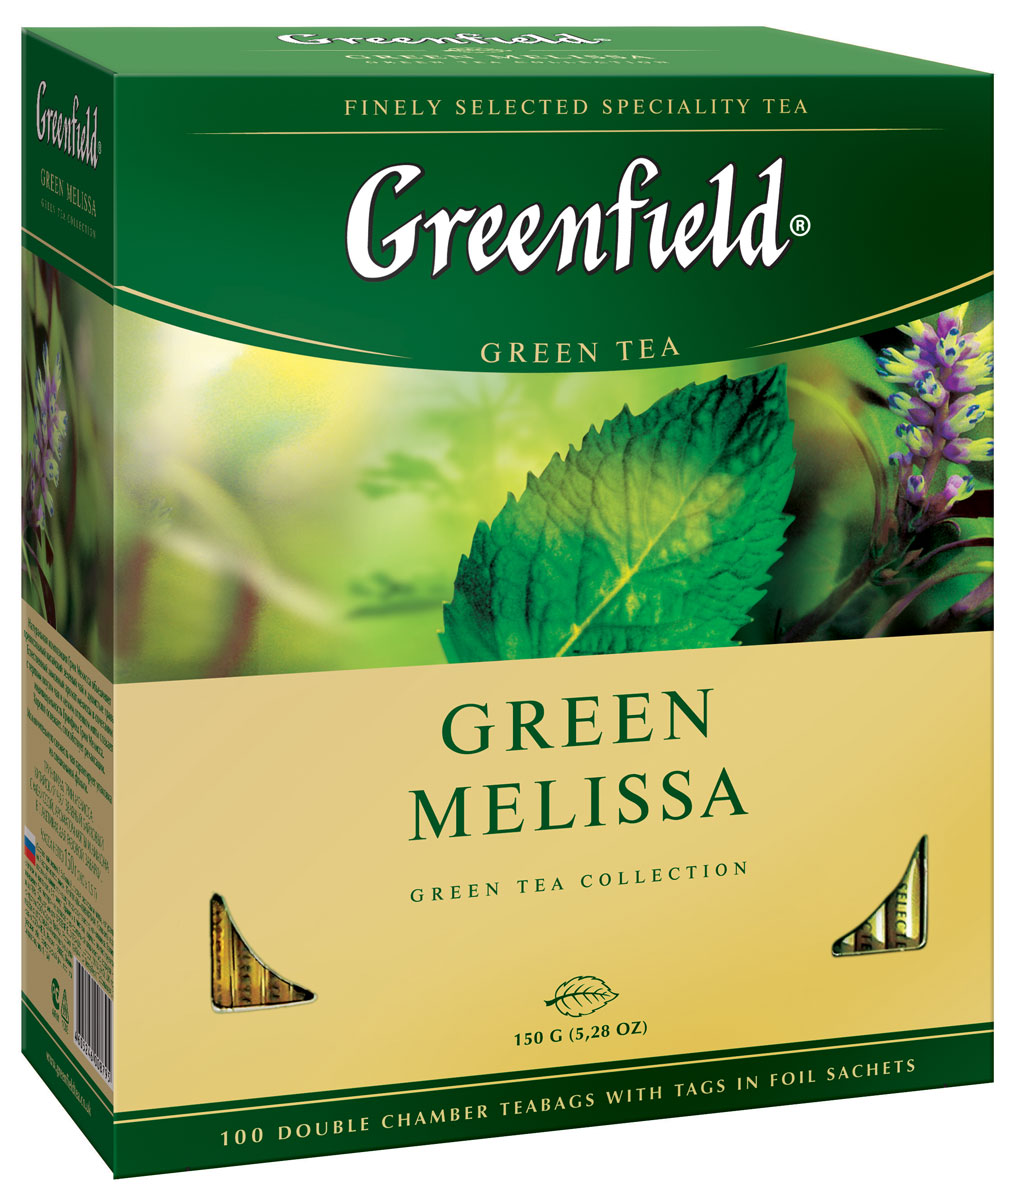 Greenfield Green Melissa зеленый чай в пакетиках, 100 шт greenfield jasmine dream зеленый ароматизированный листовой чай 100 г